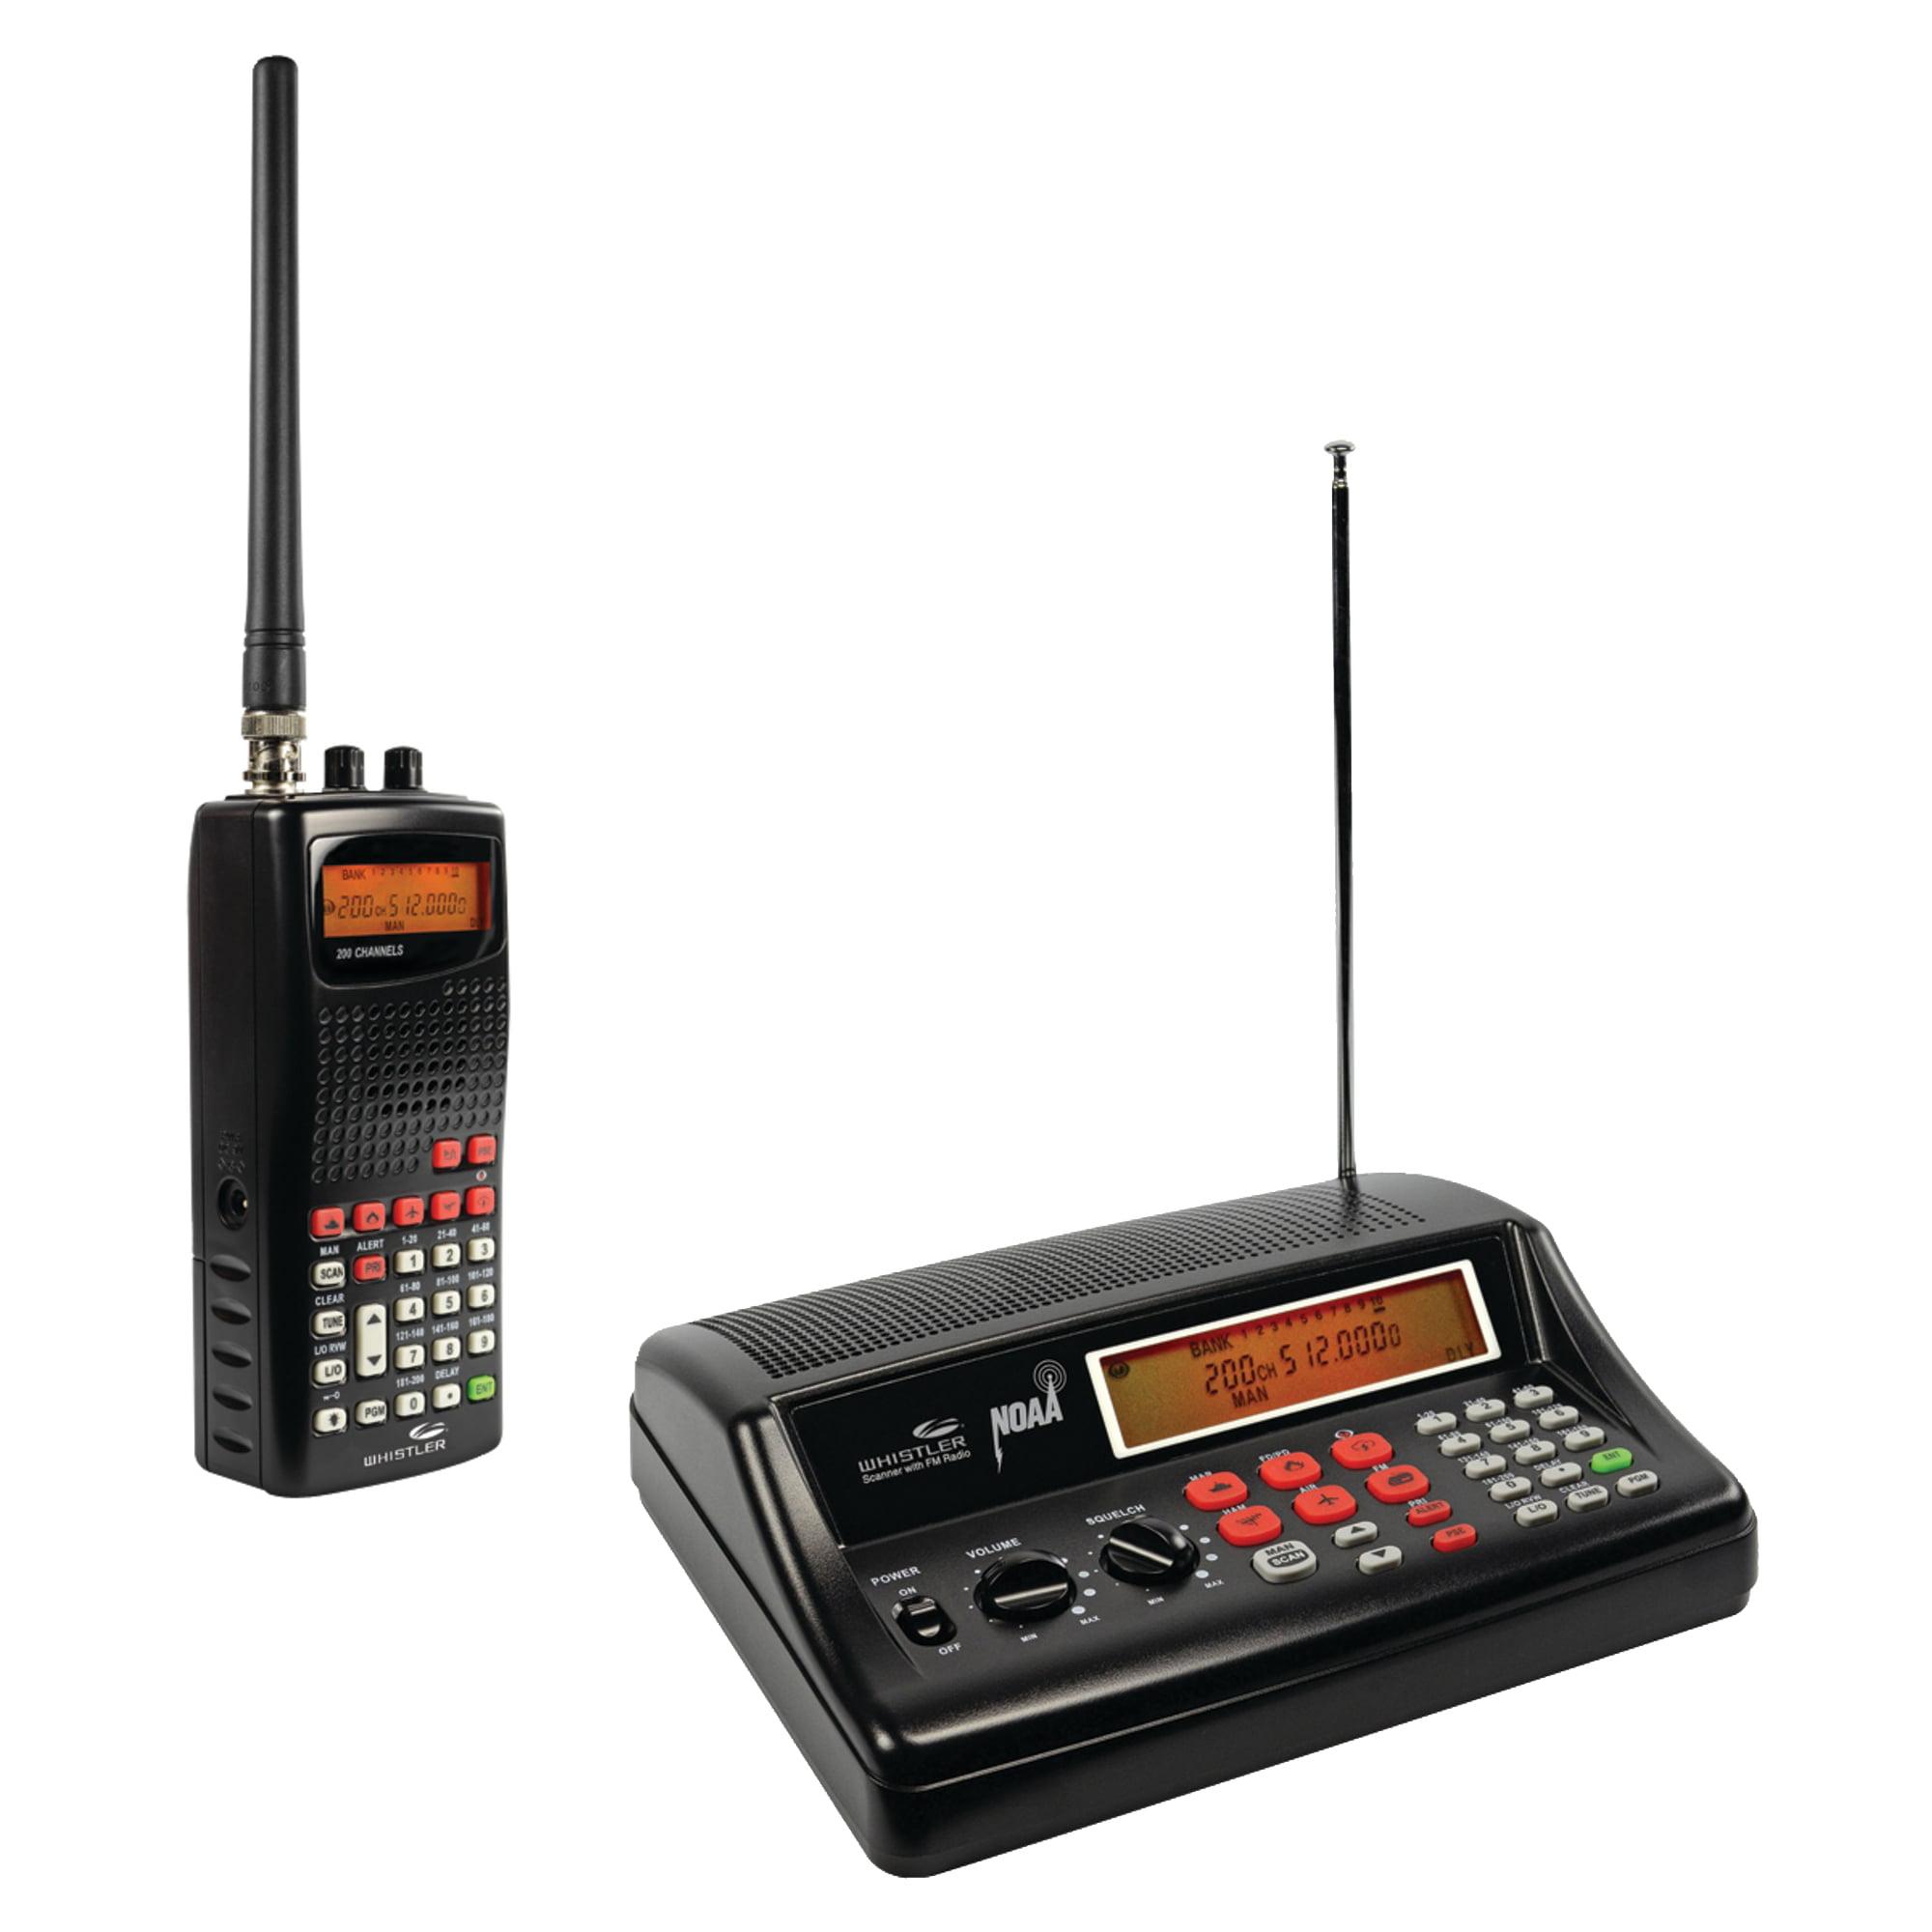 Whistler WS1025 Analog Desktop Radio Scanner & WS1010 Analog Handheld Radio Scanner 1010